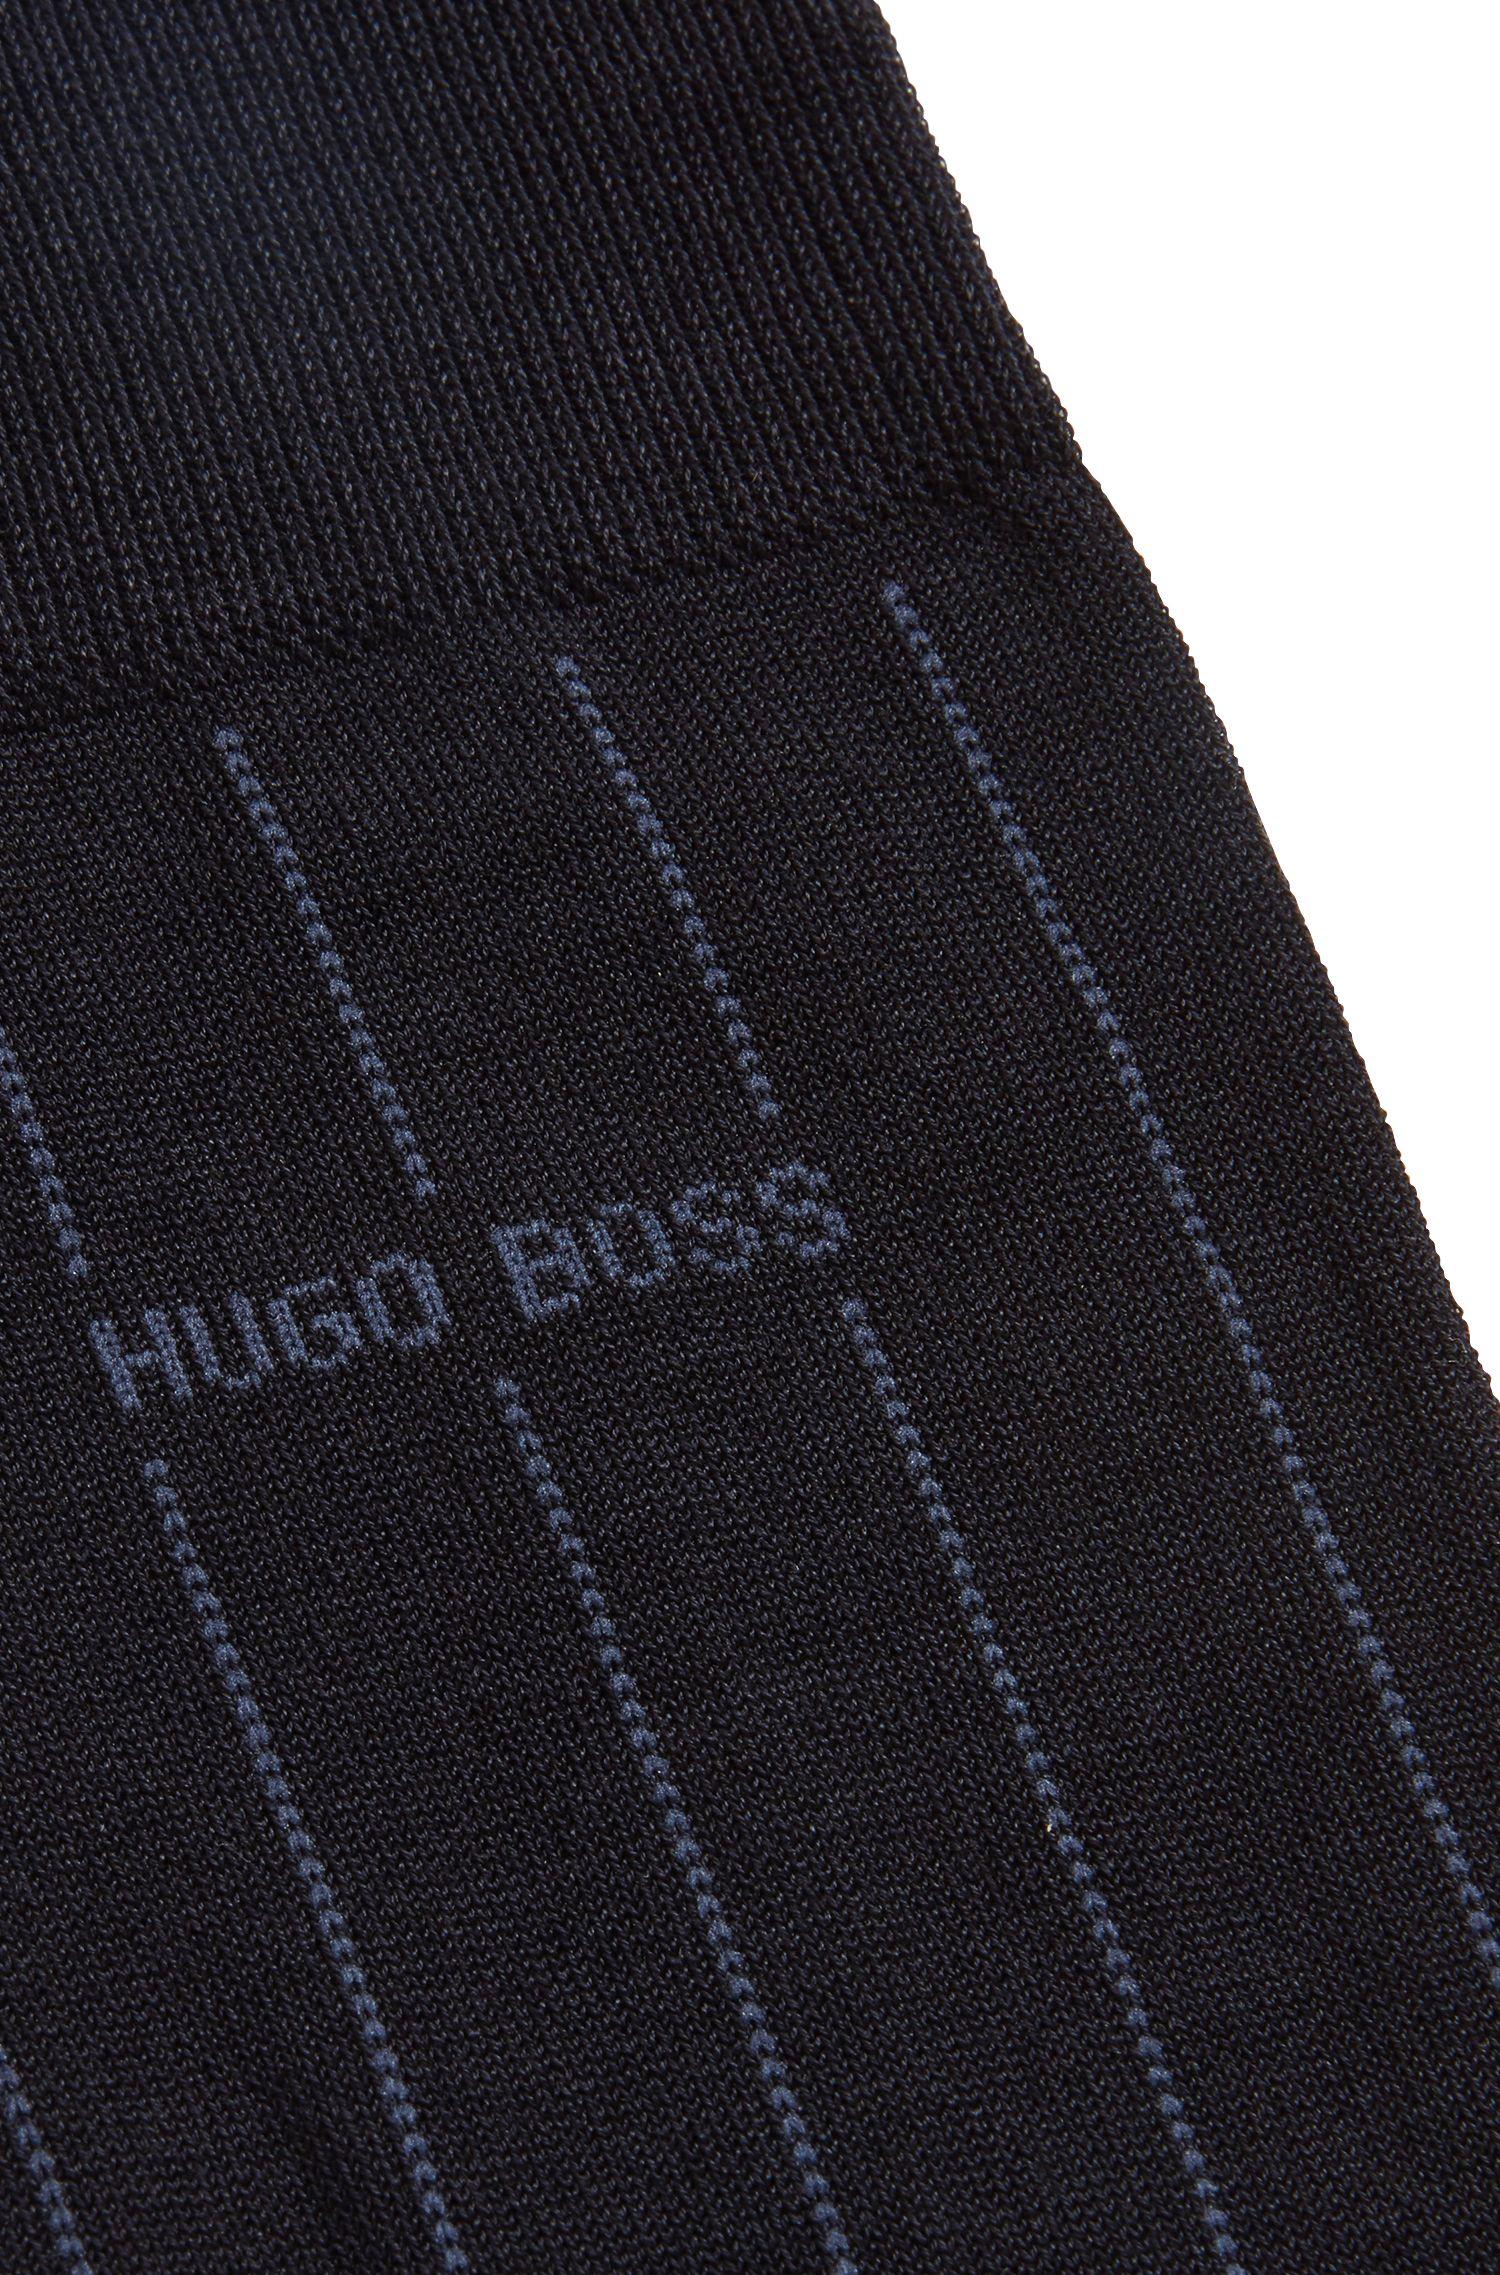 Nadelstreifen-Socken aus merzerisiertem Baumwoll-Mix, Dunkelblau